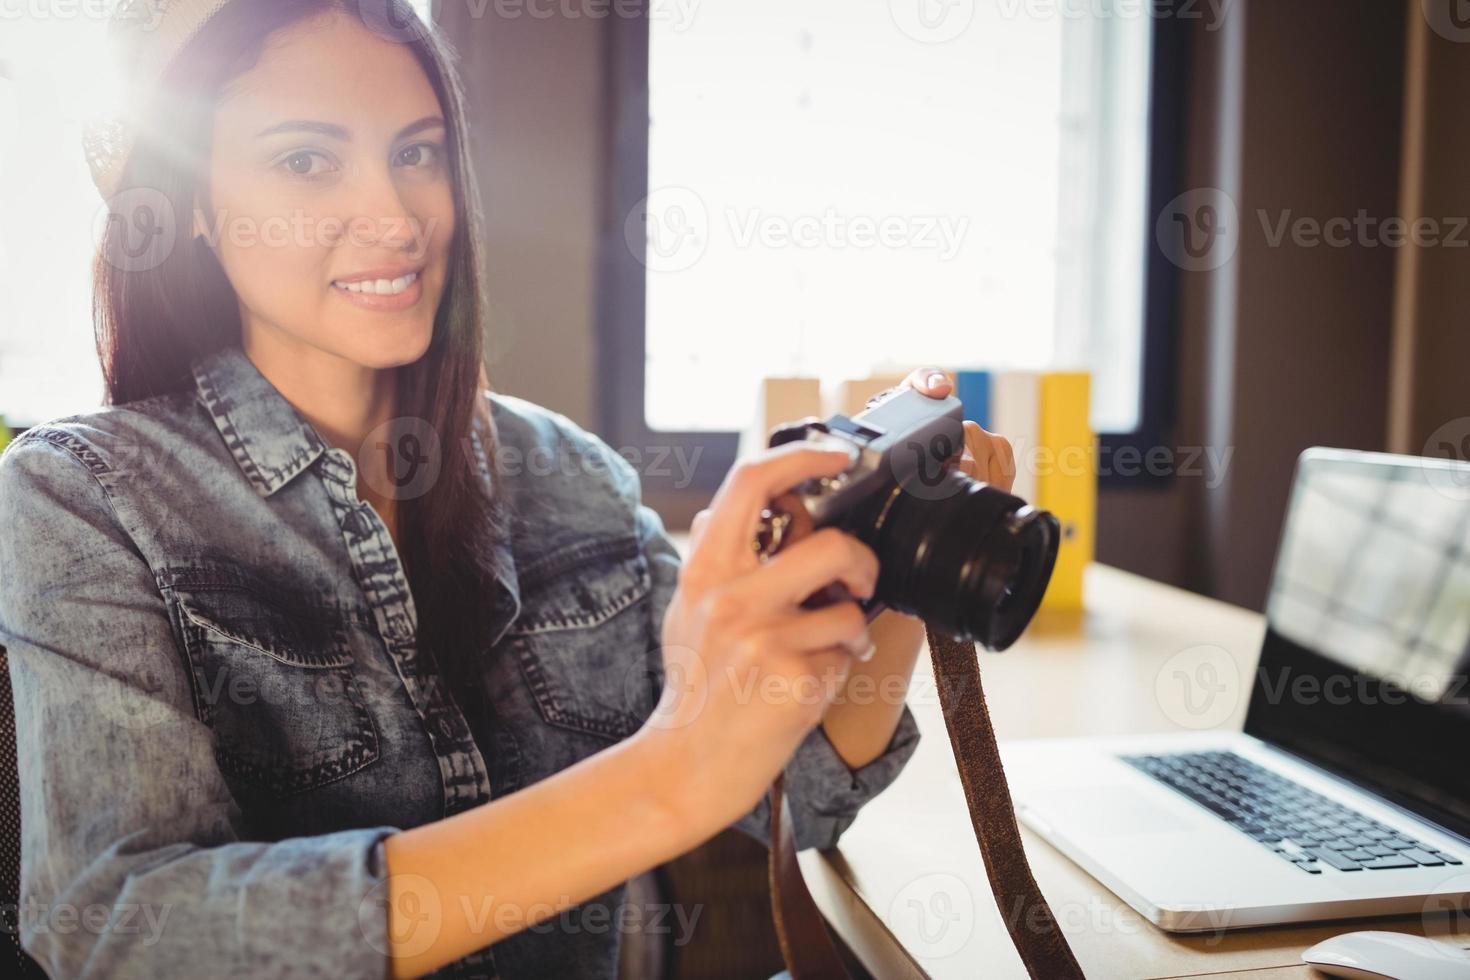 diseñador gráfico mirando fotos en cámara digital